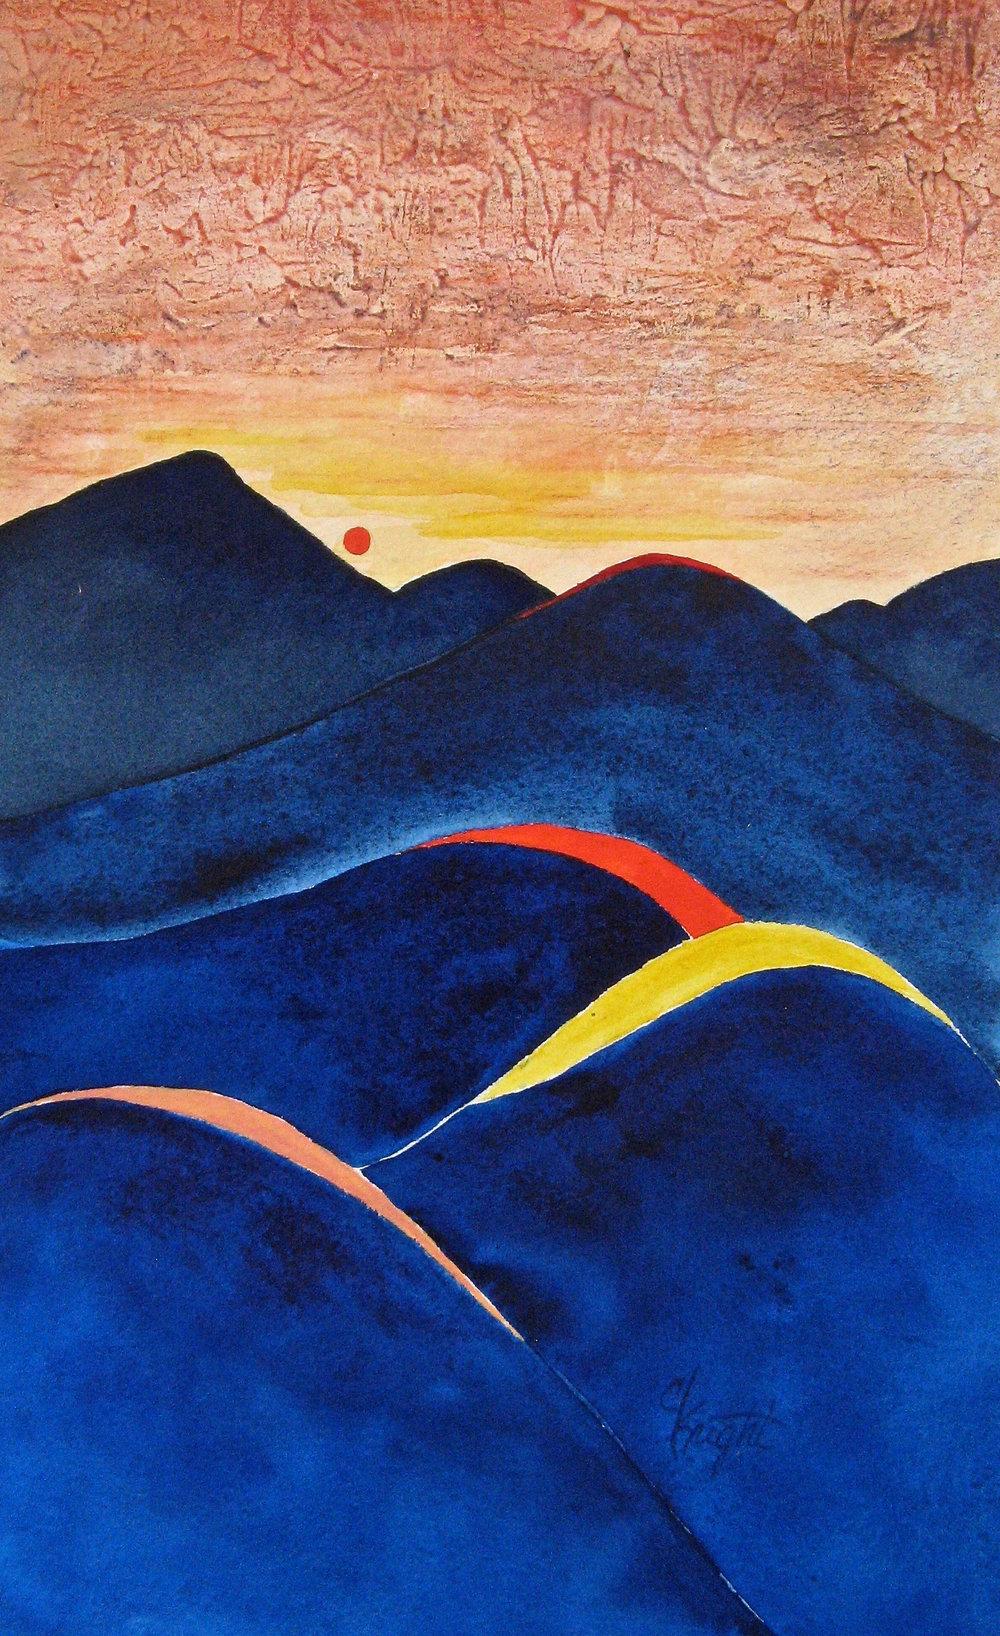 Tryon Peak No. 3